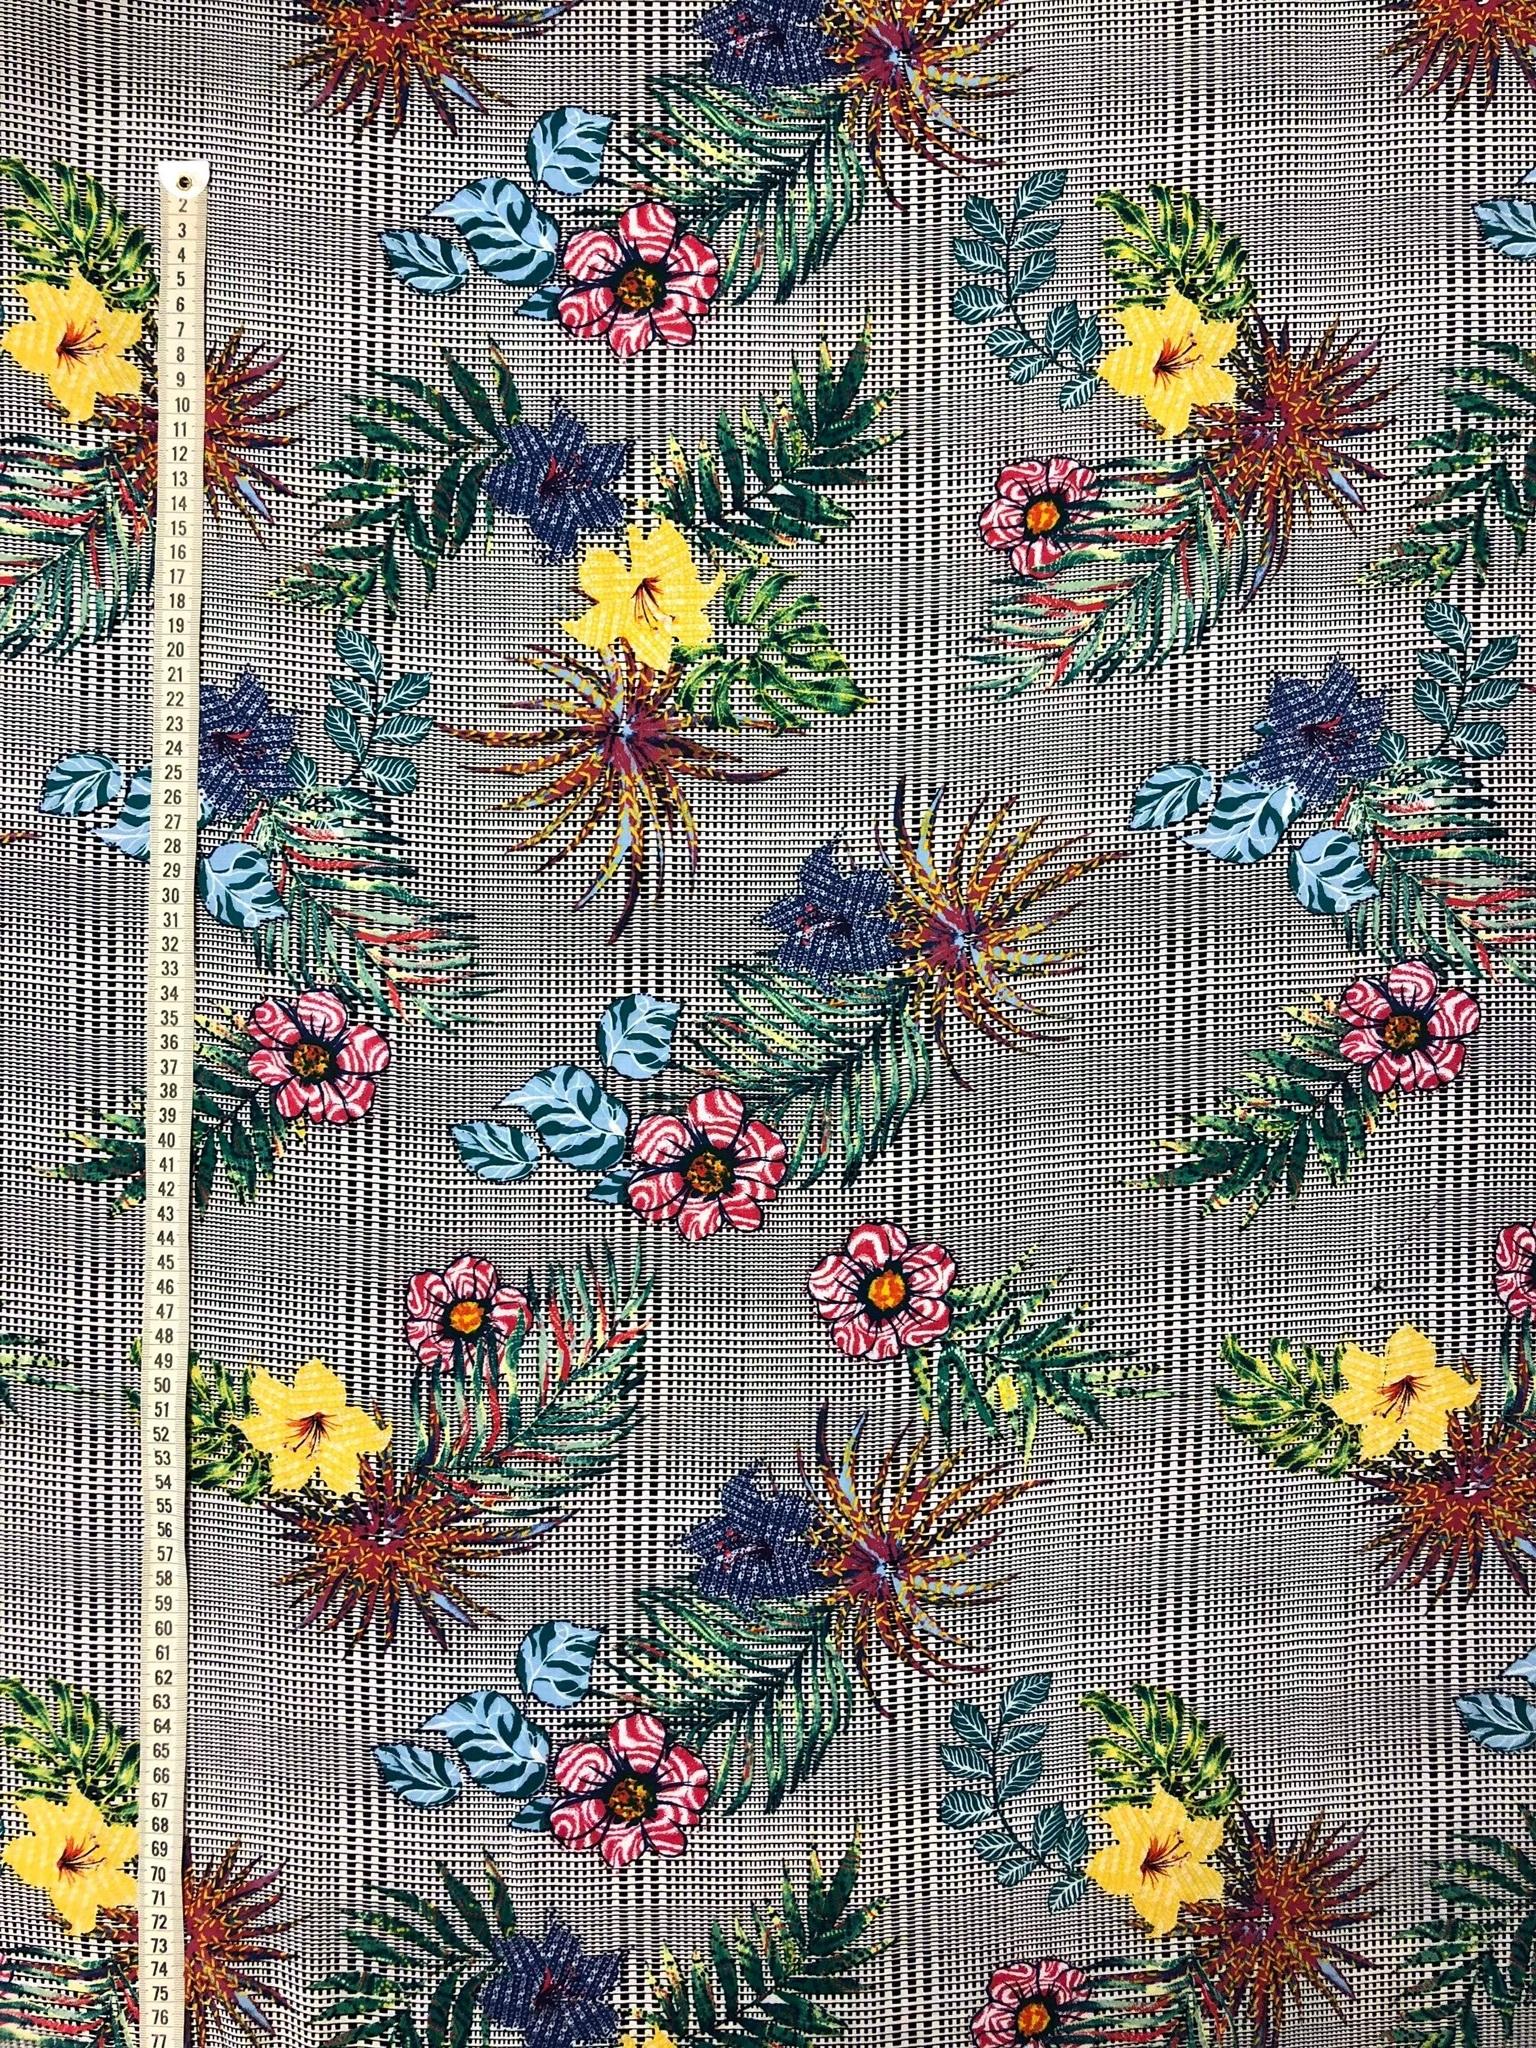 Rut rutor blommor blad svartvit färg färgglad metervara Tyglust viscose laholm